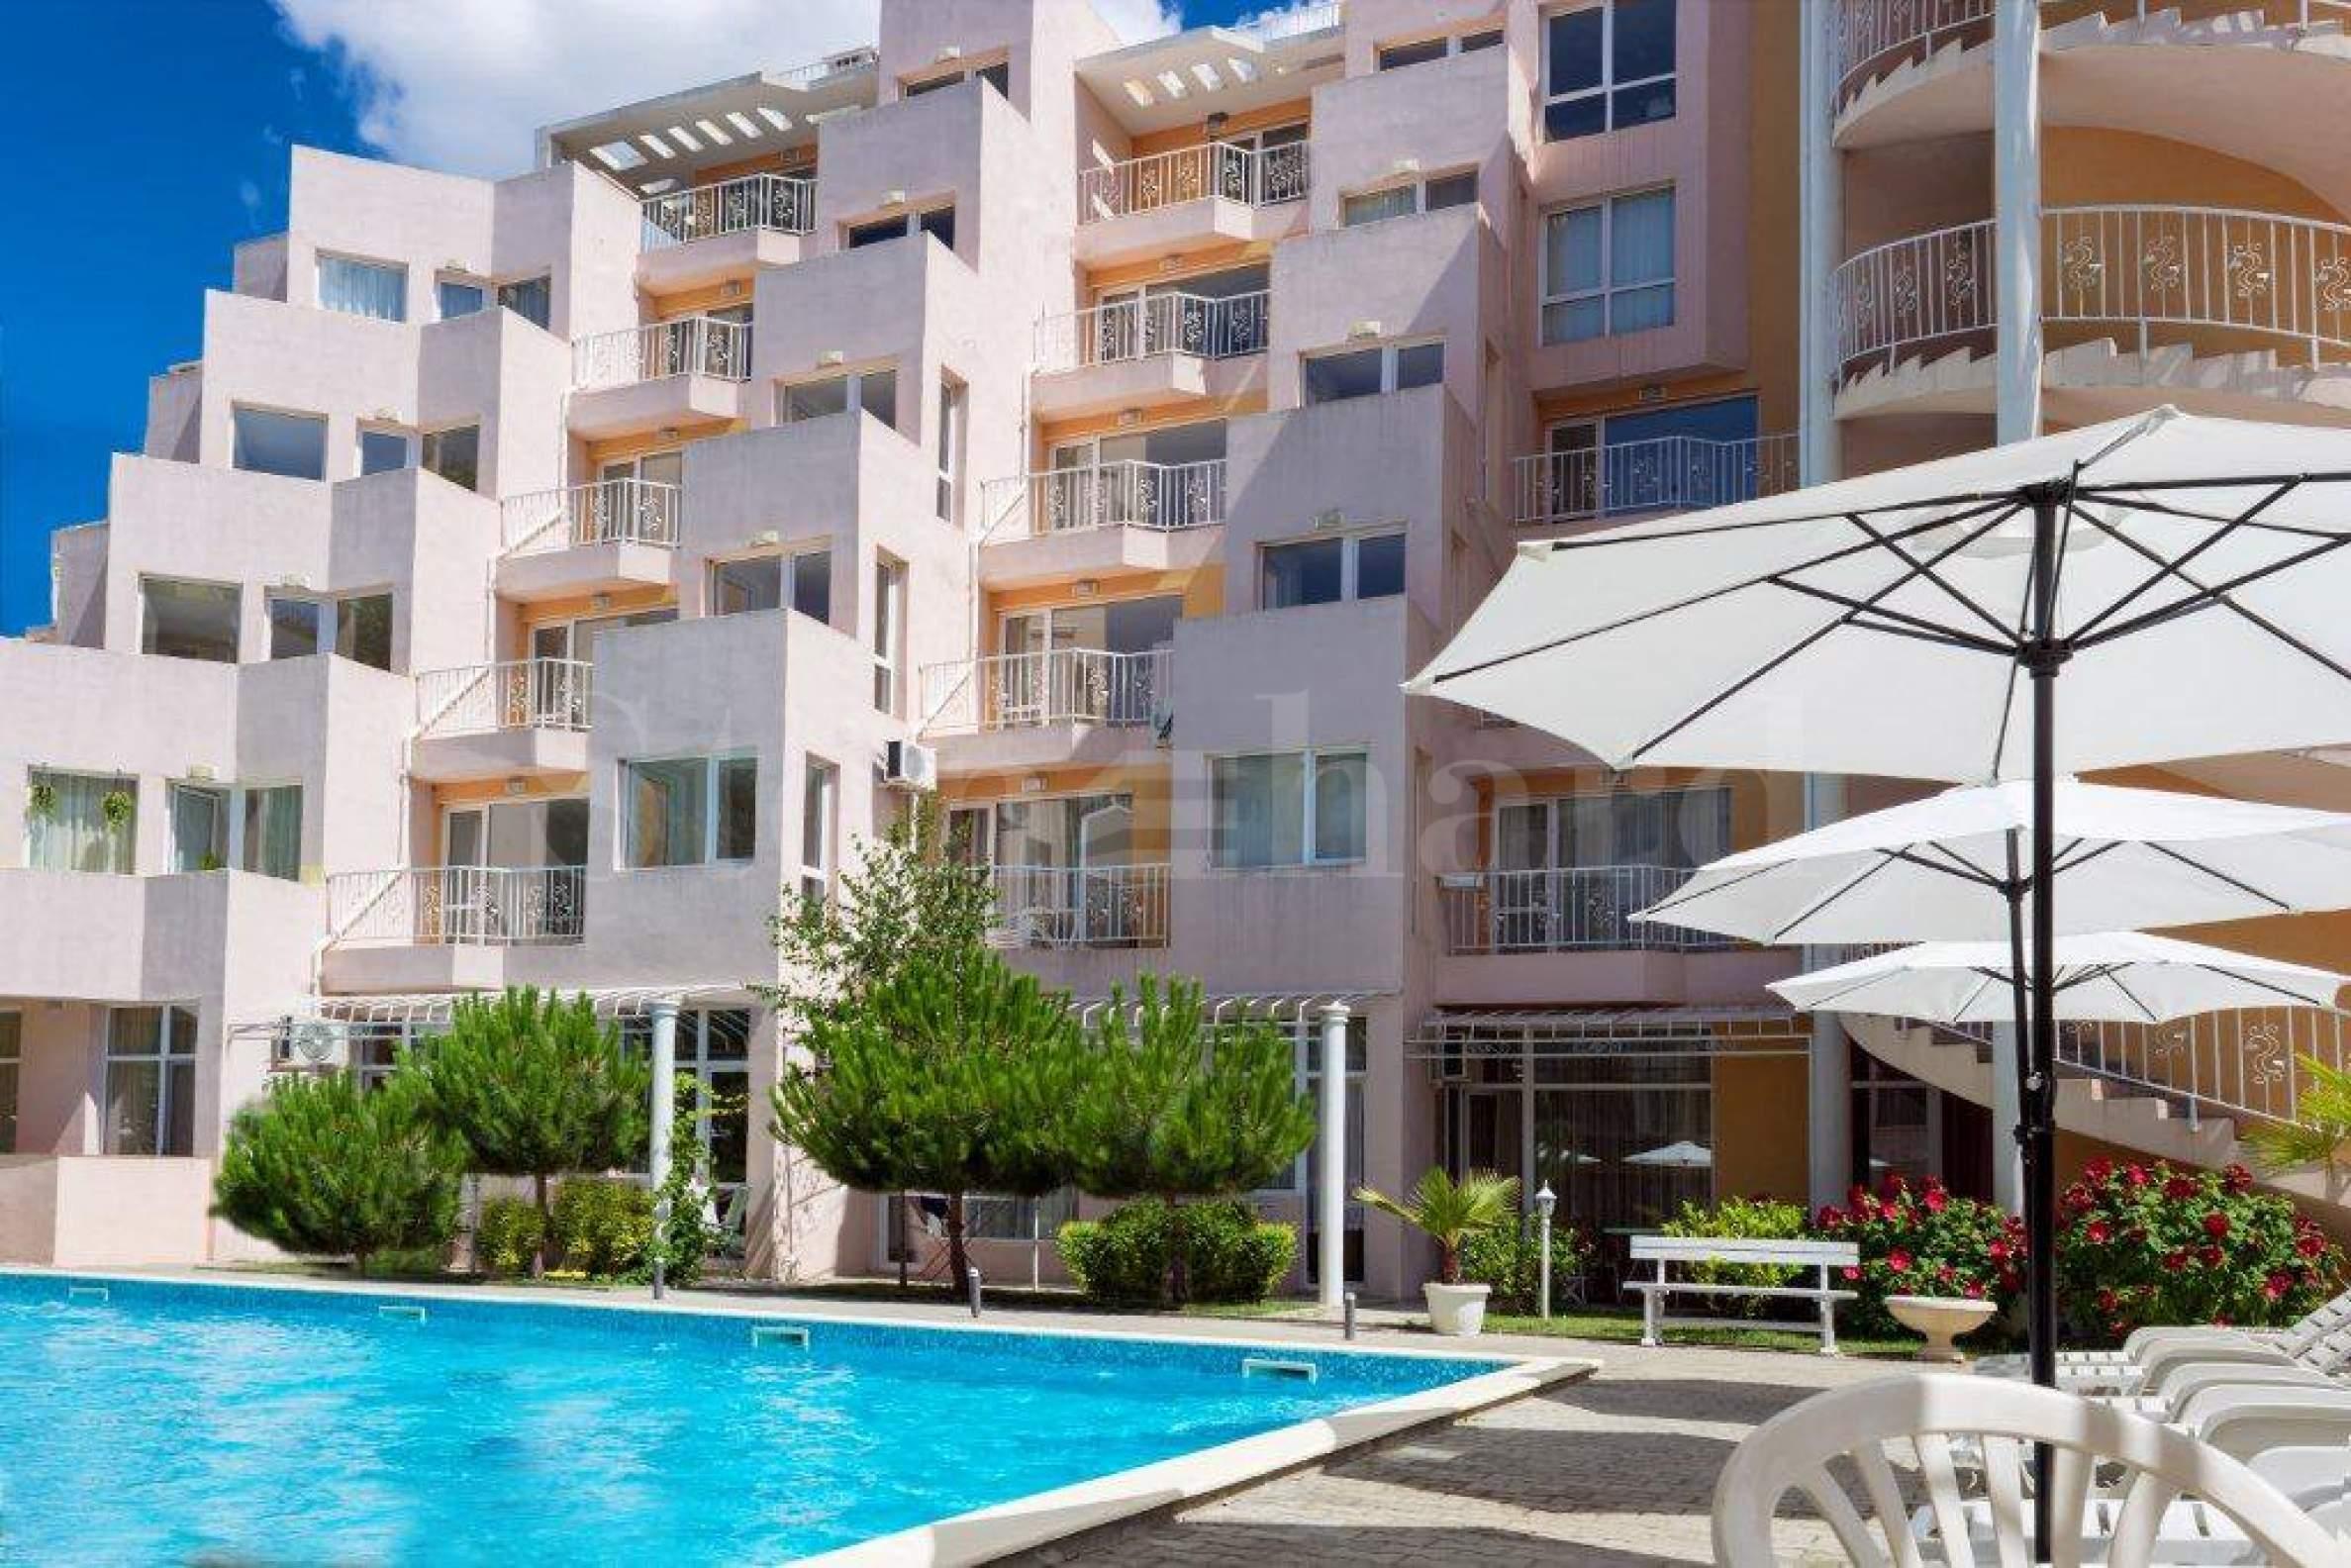 Ваканционни апартаменти в луксозен комплекс в центъра2 - Stonehard